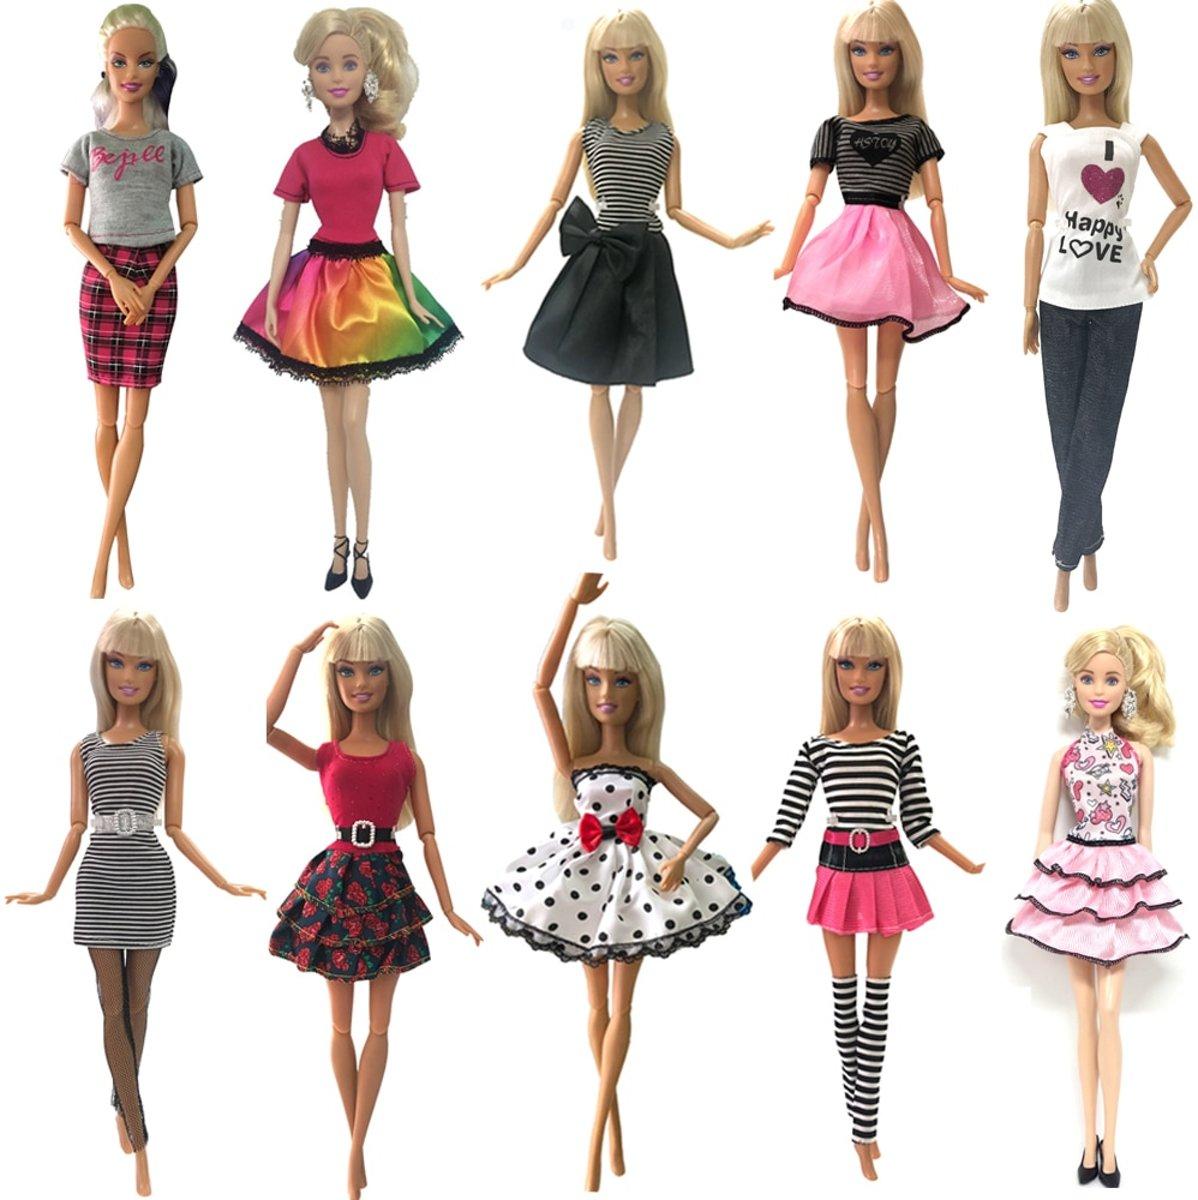 10 sets barbiekleding + verrassing - Jurkjes, rokjes, topjes, trui en broek - Fashion set voor modepop zoals Barbie